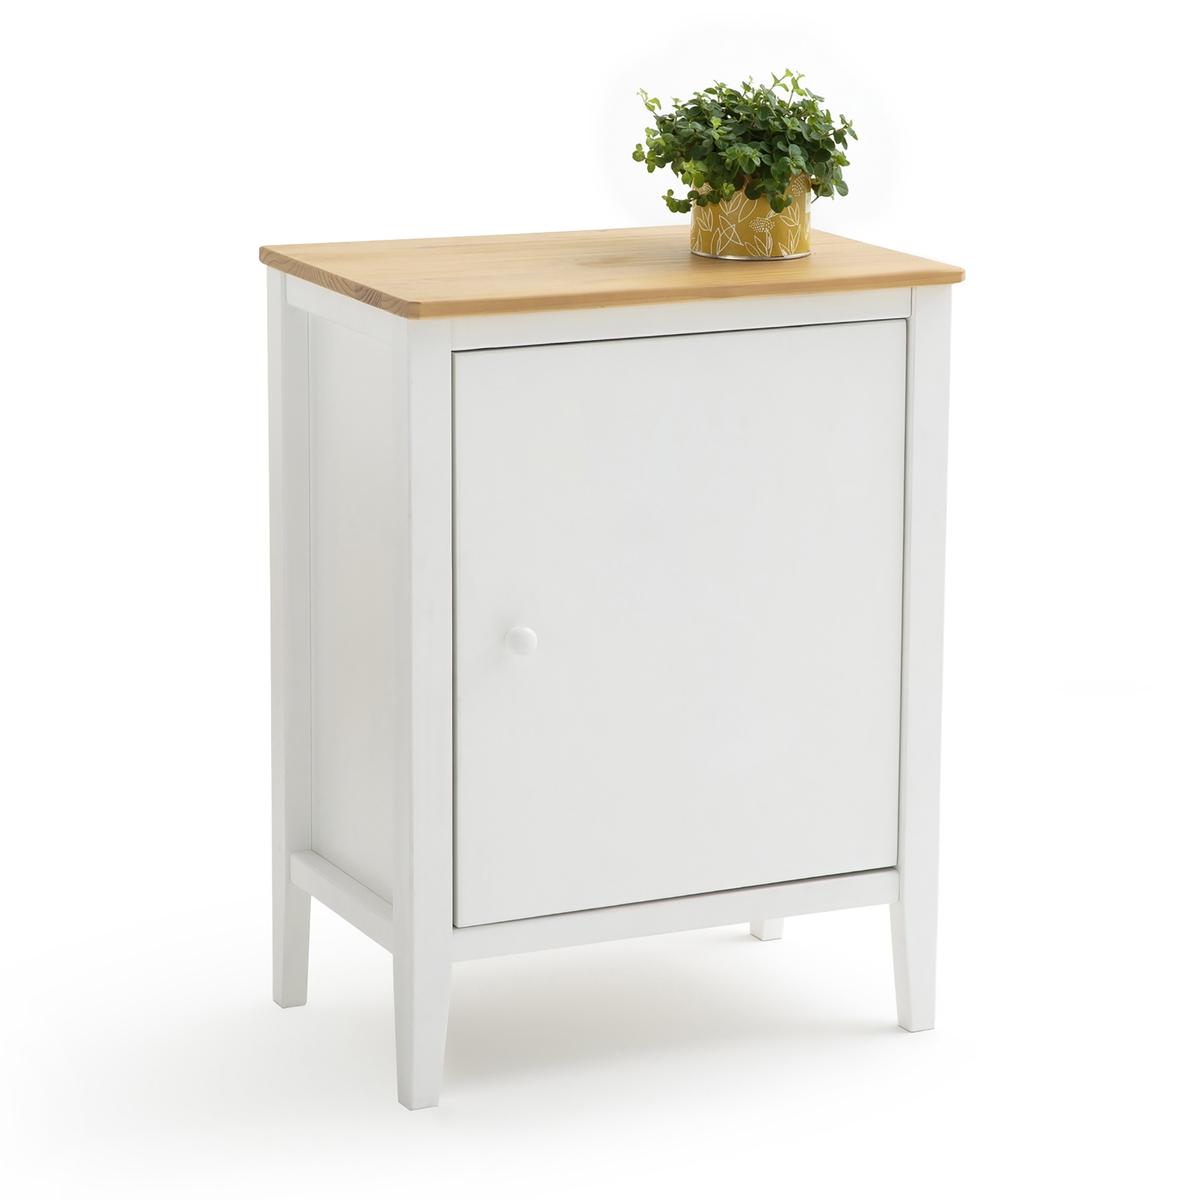 Шкаф LaRedoute Кухонный с 1 дверцей ALVINA единый размер белый